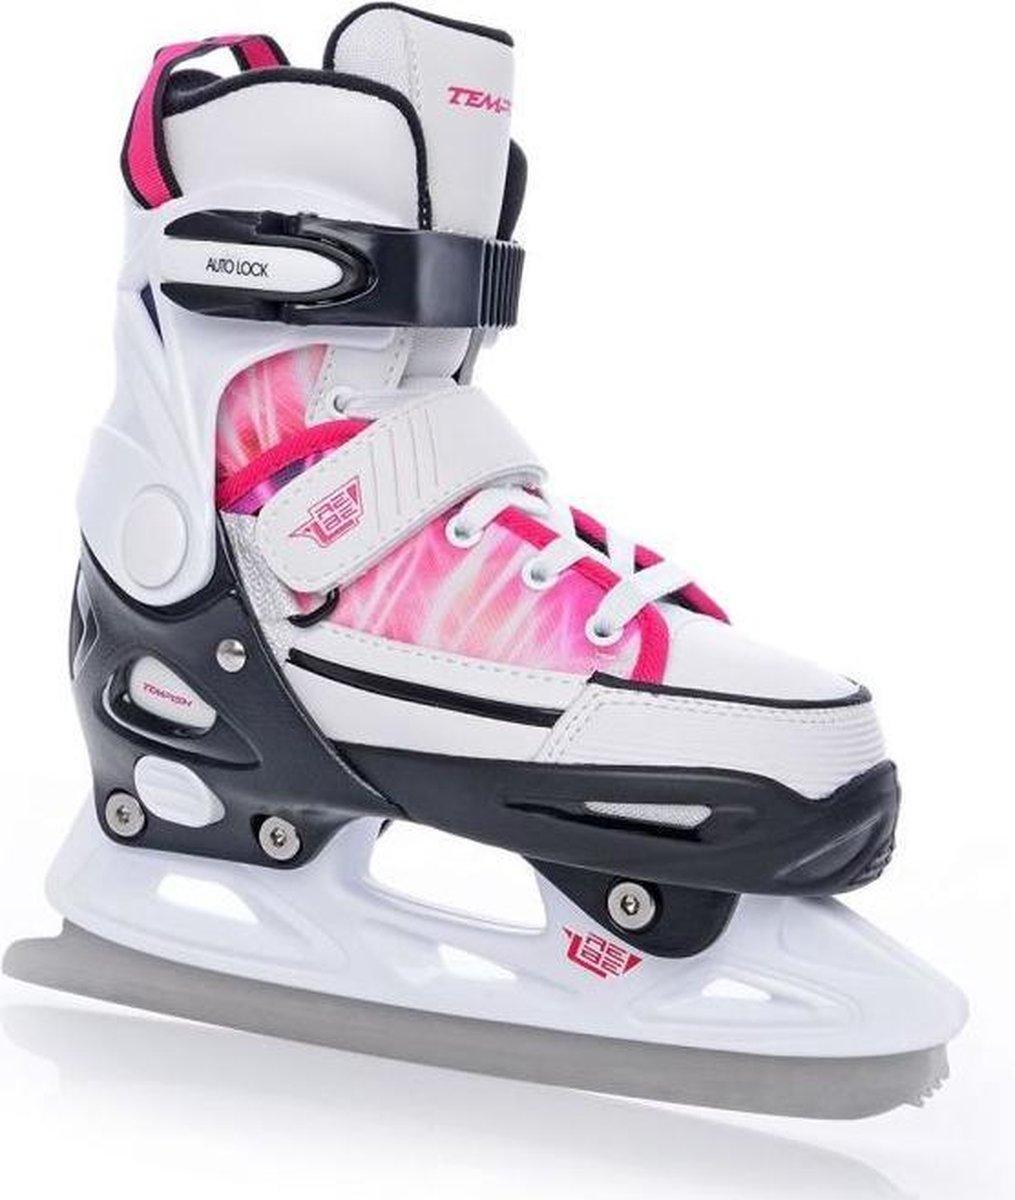 Tempish - Rebel ice one pro girl - Verstelbare schaatsen - Maat 37-40 - Roze